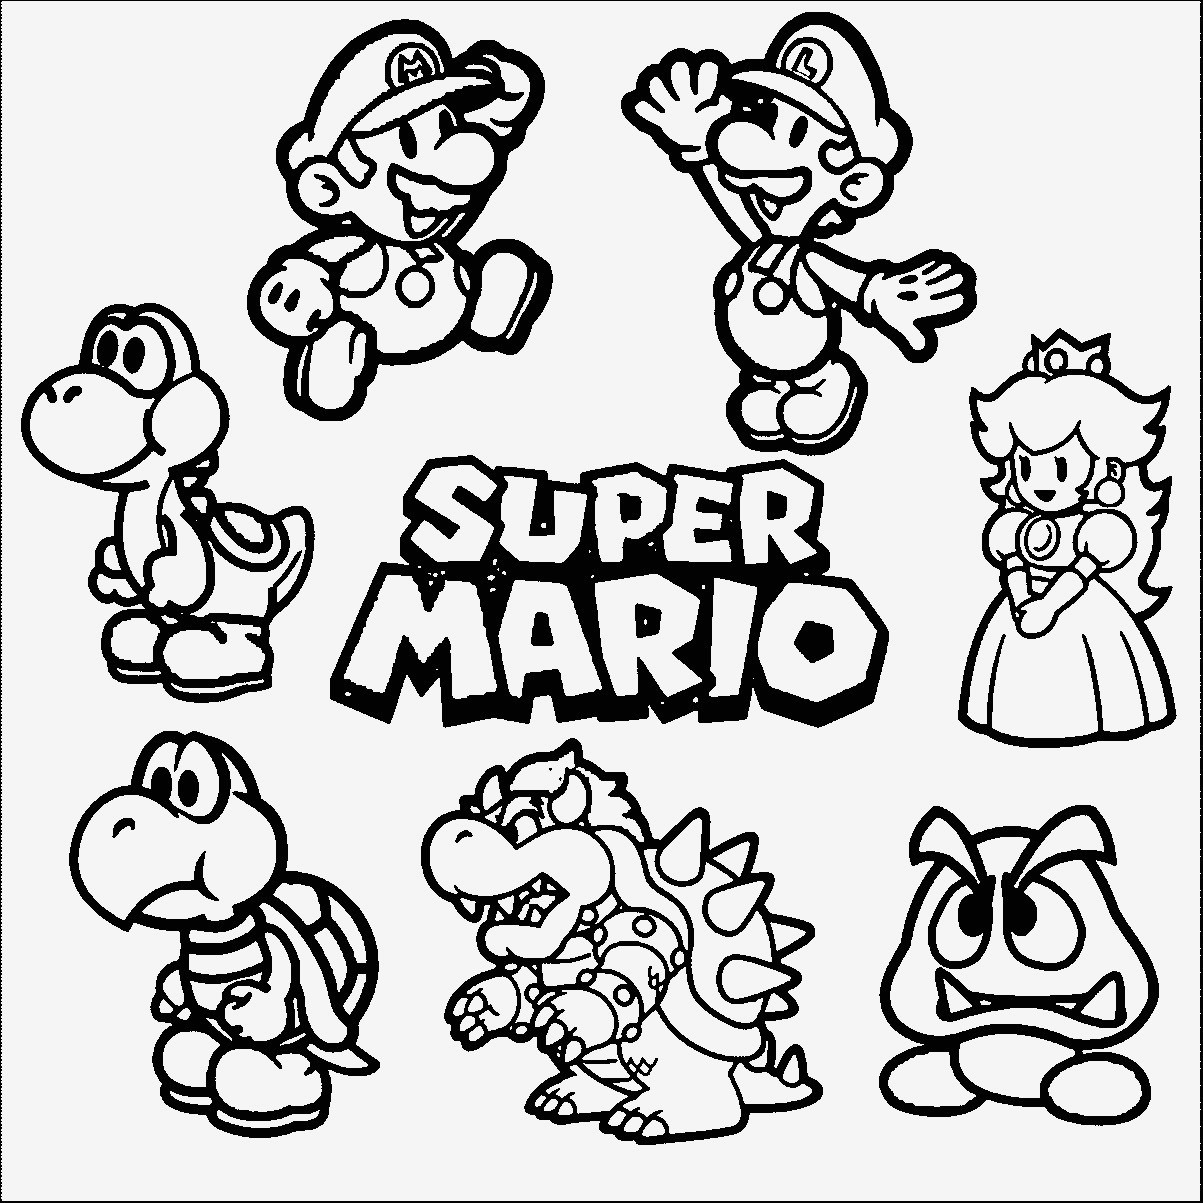 Super Mario Malvorlage Das Beste Von Mickeycarrollmunchkin Page 3 12 Kostenlose Malvorlagen Schön Bild